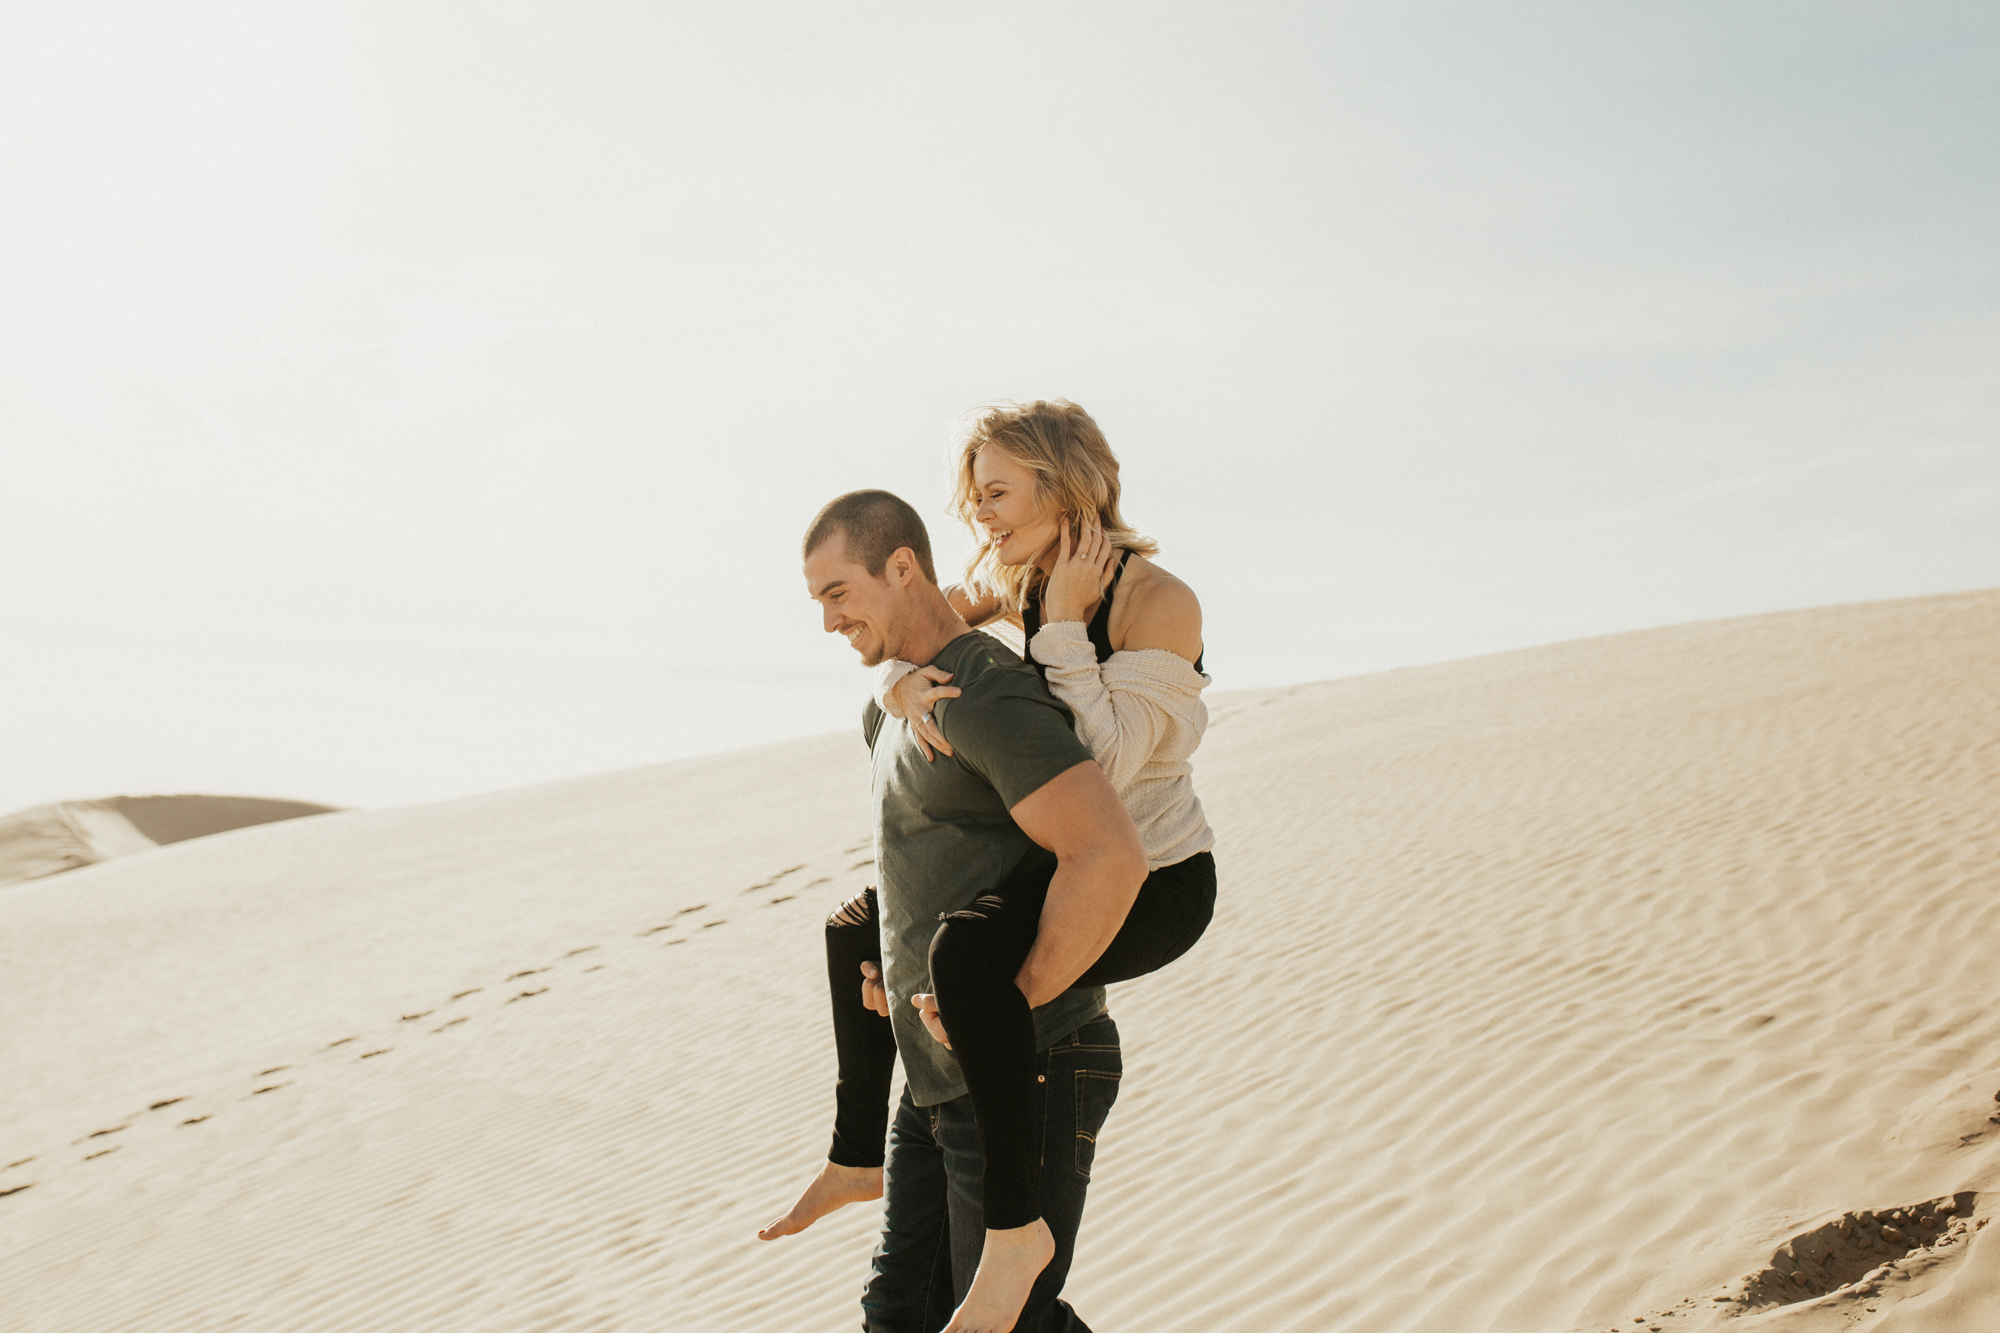 sand dune national park engagement photoshoot